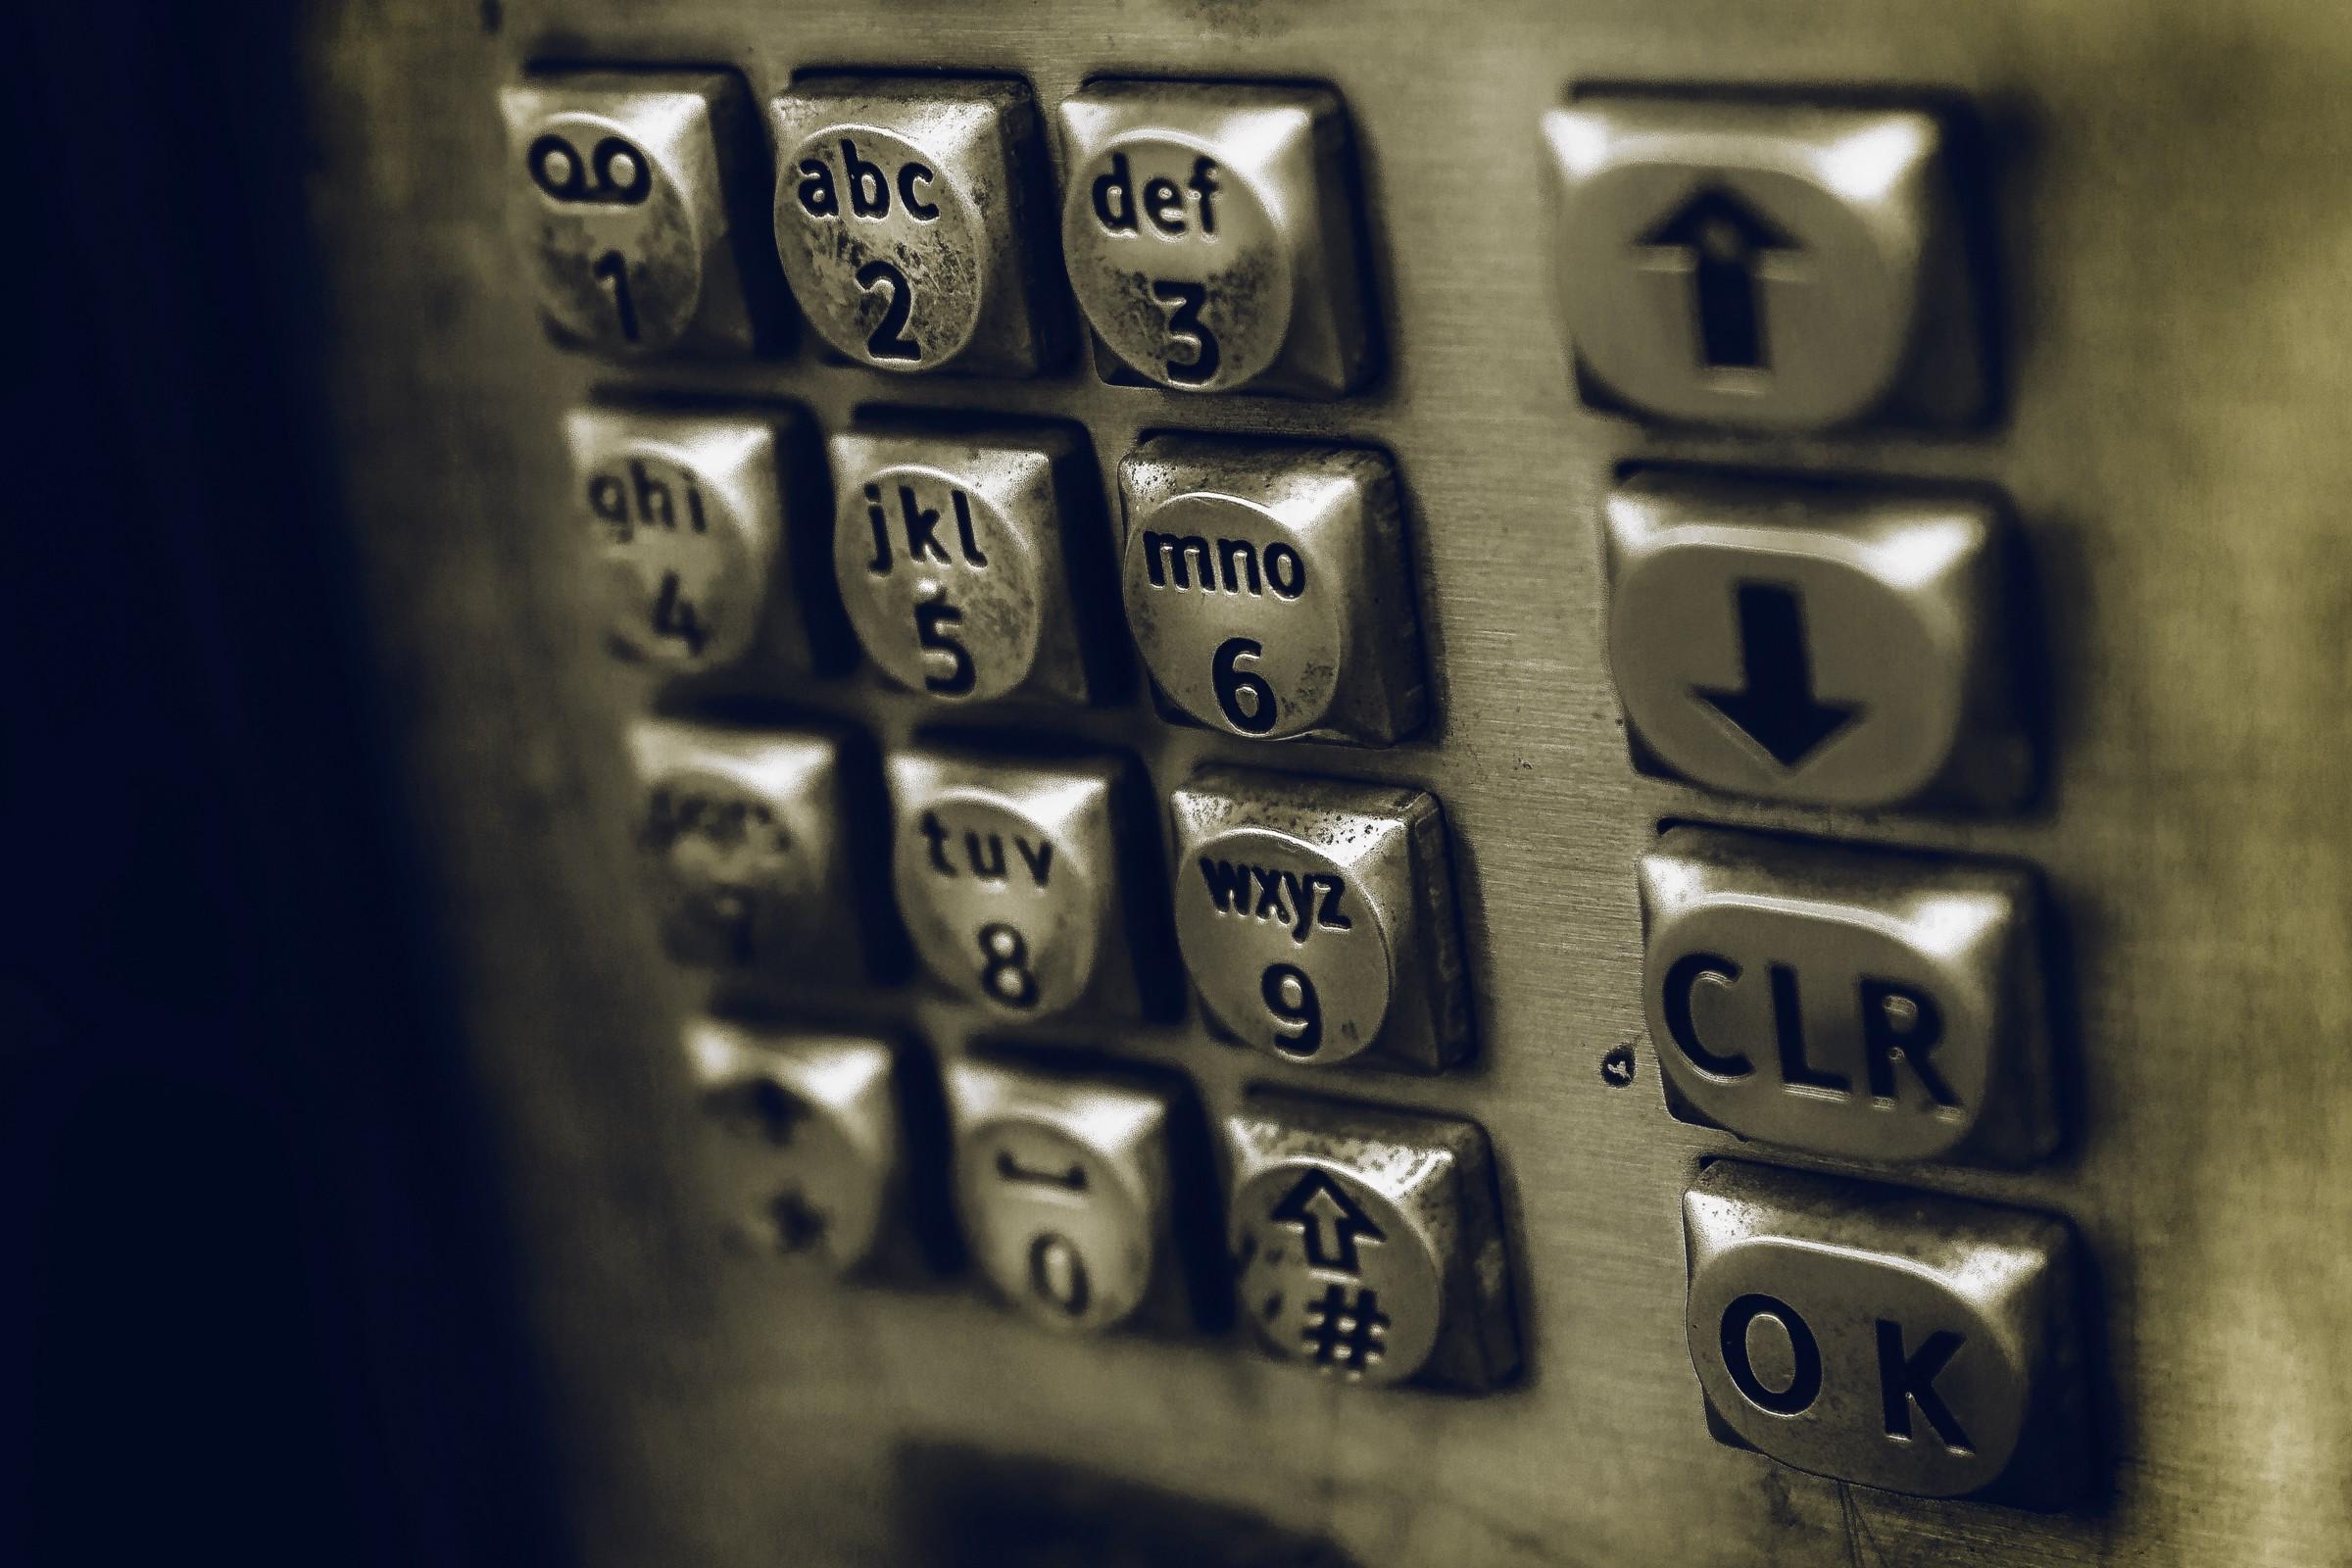 کال بک (callback) در جاوا اسکریپت